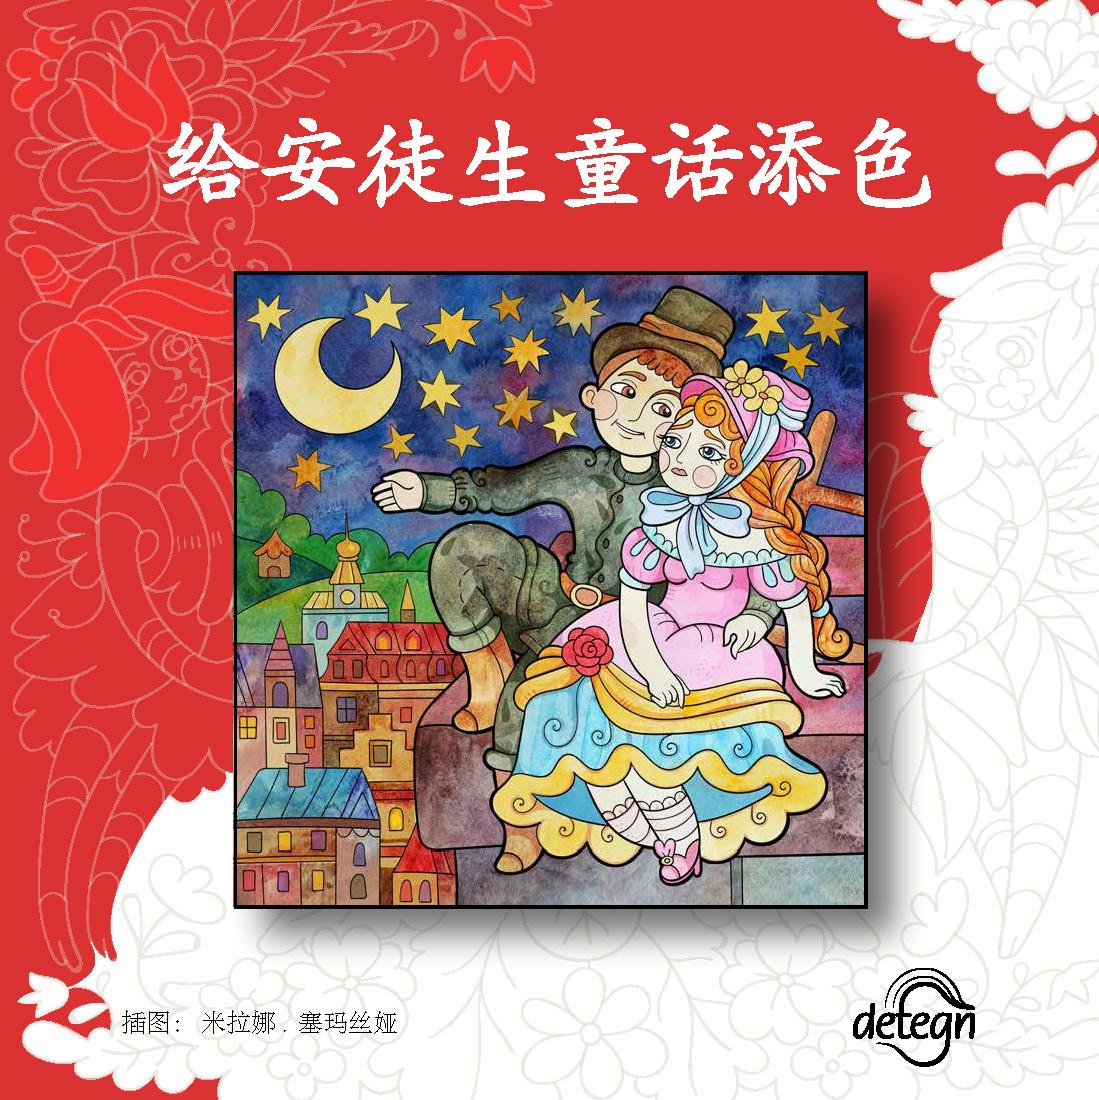 HC Andersen malebog kinesisk udgave